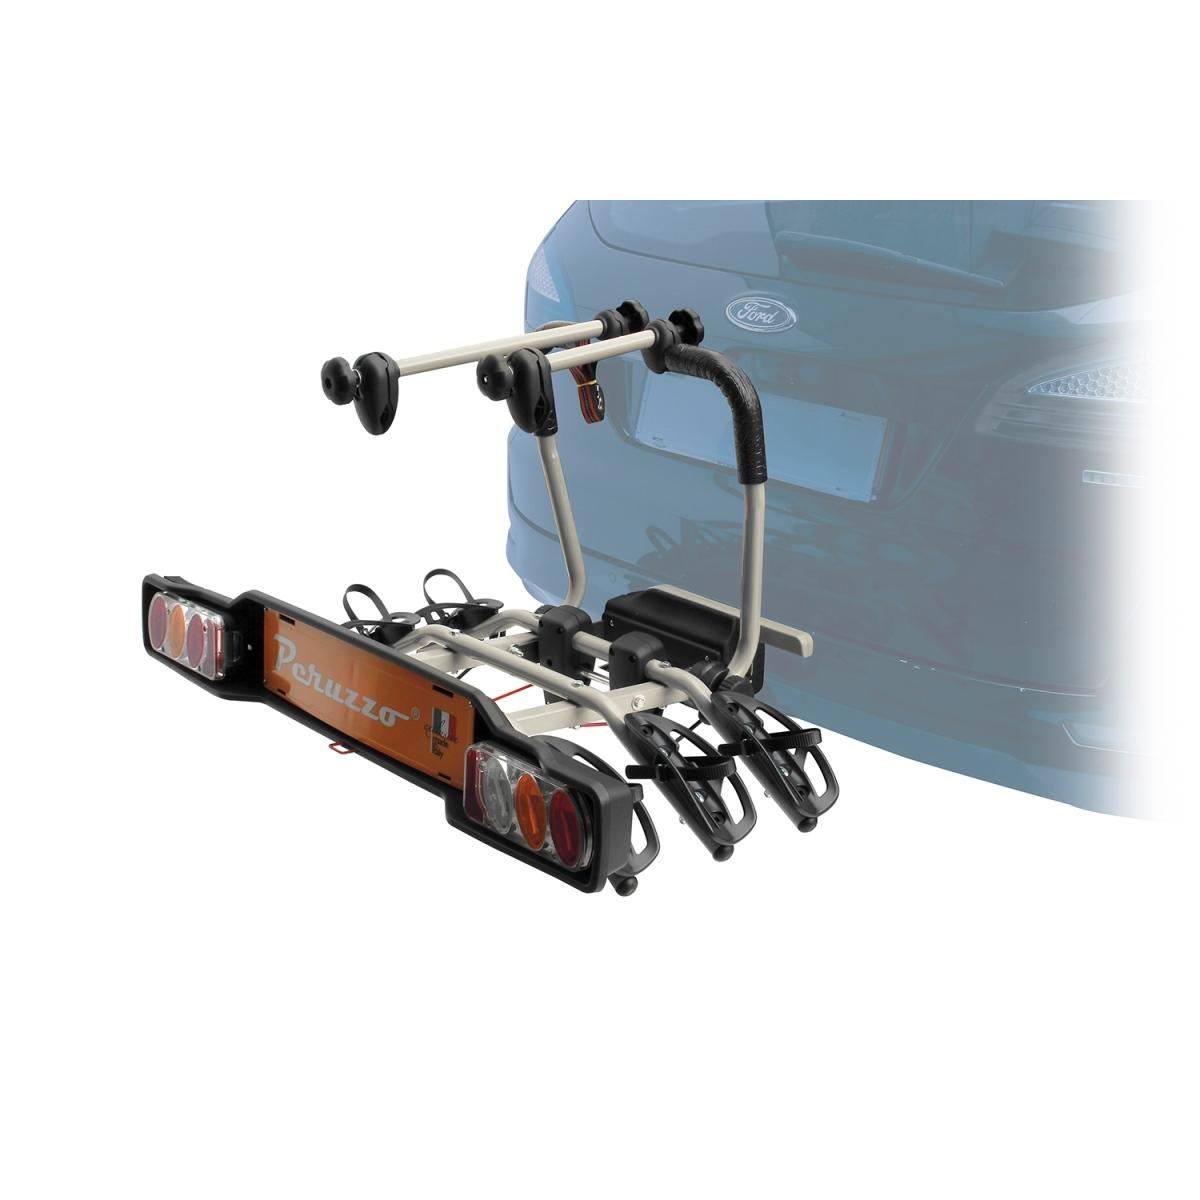 Nosič na tažné zařízení PERUZZO PARMA - 3 kola